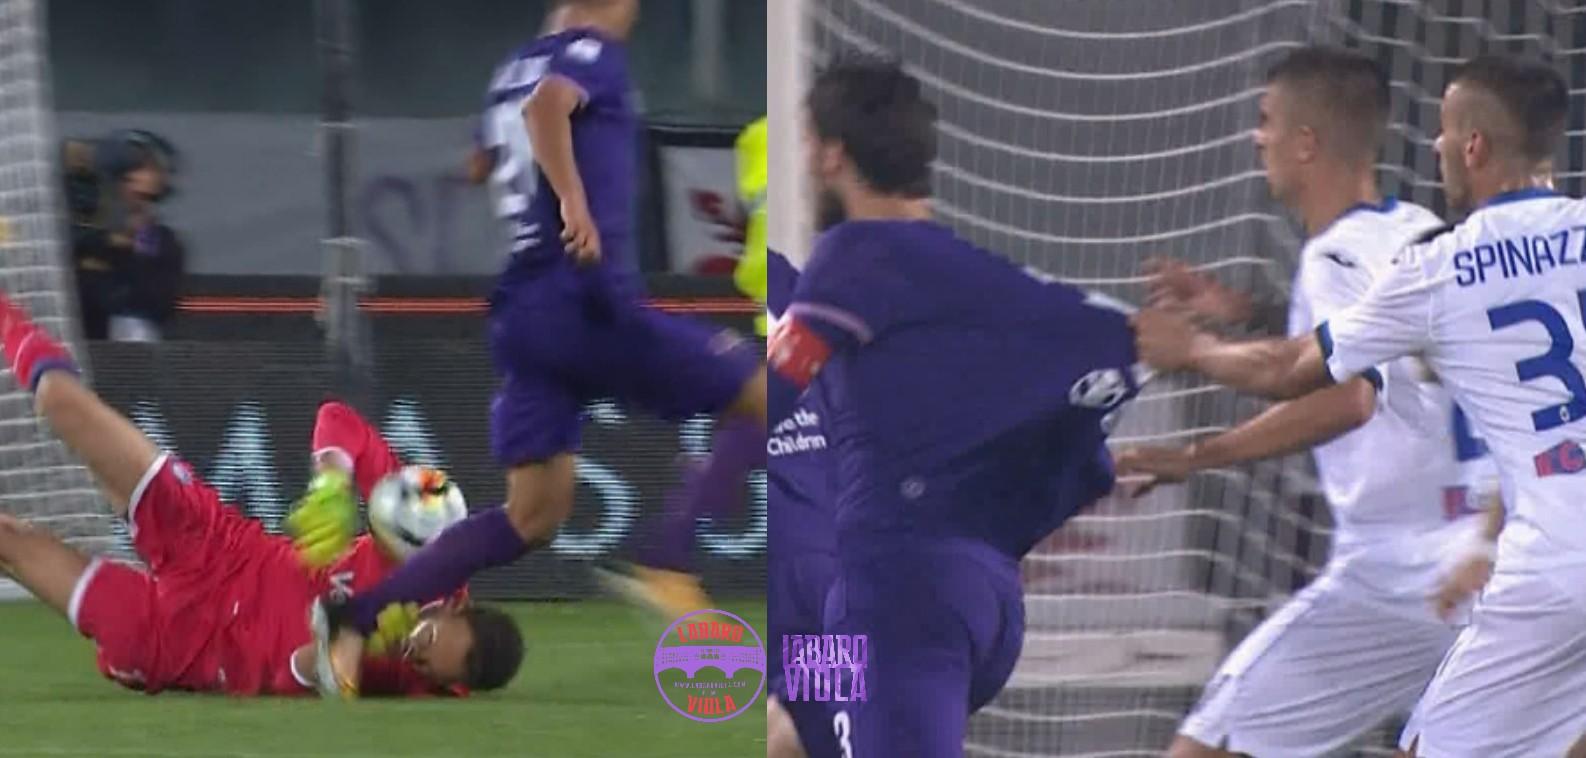 Moviola Gazzetta, il rigore all'Atalanta non c'è e alla Fiorentina ne mancano due. Pairetto perche non hai usato il Var?